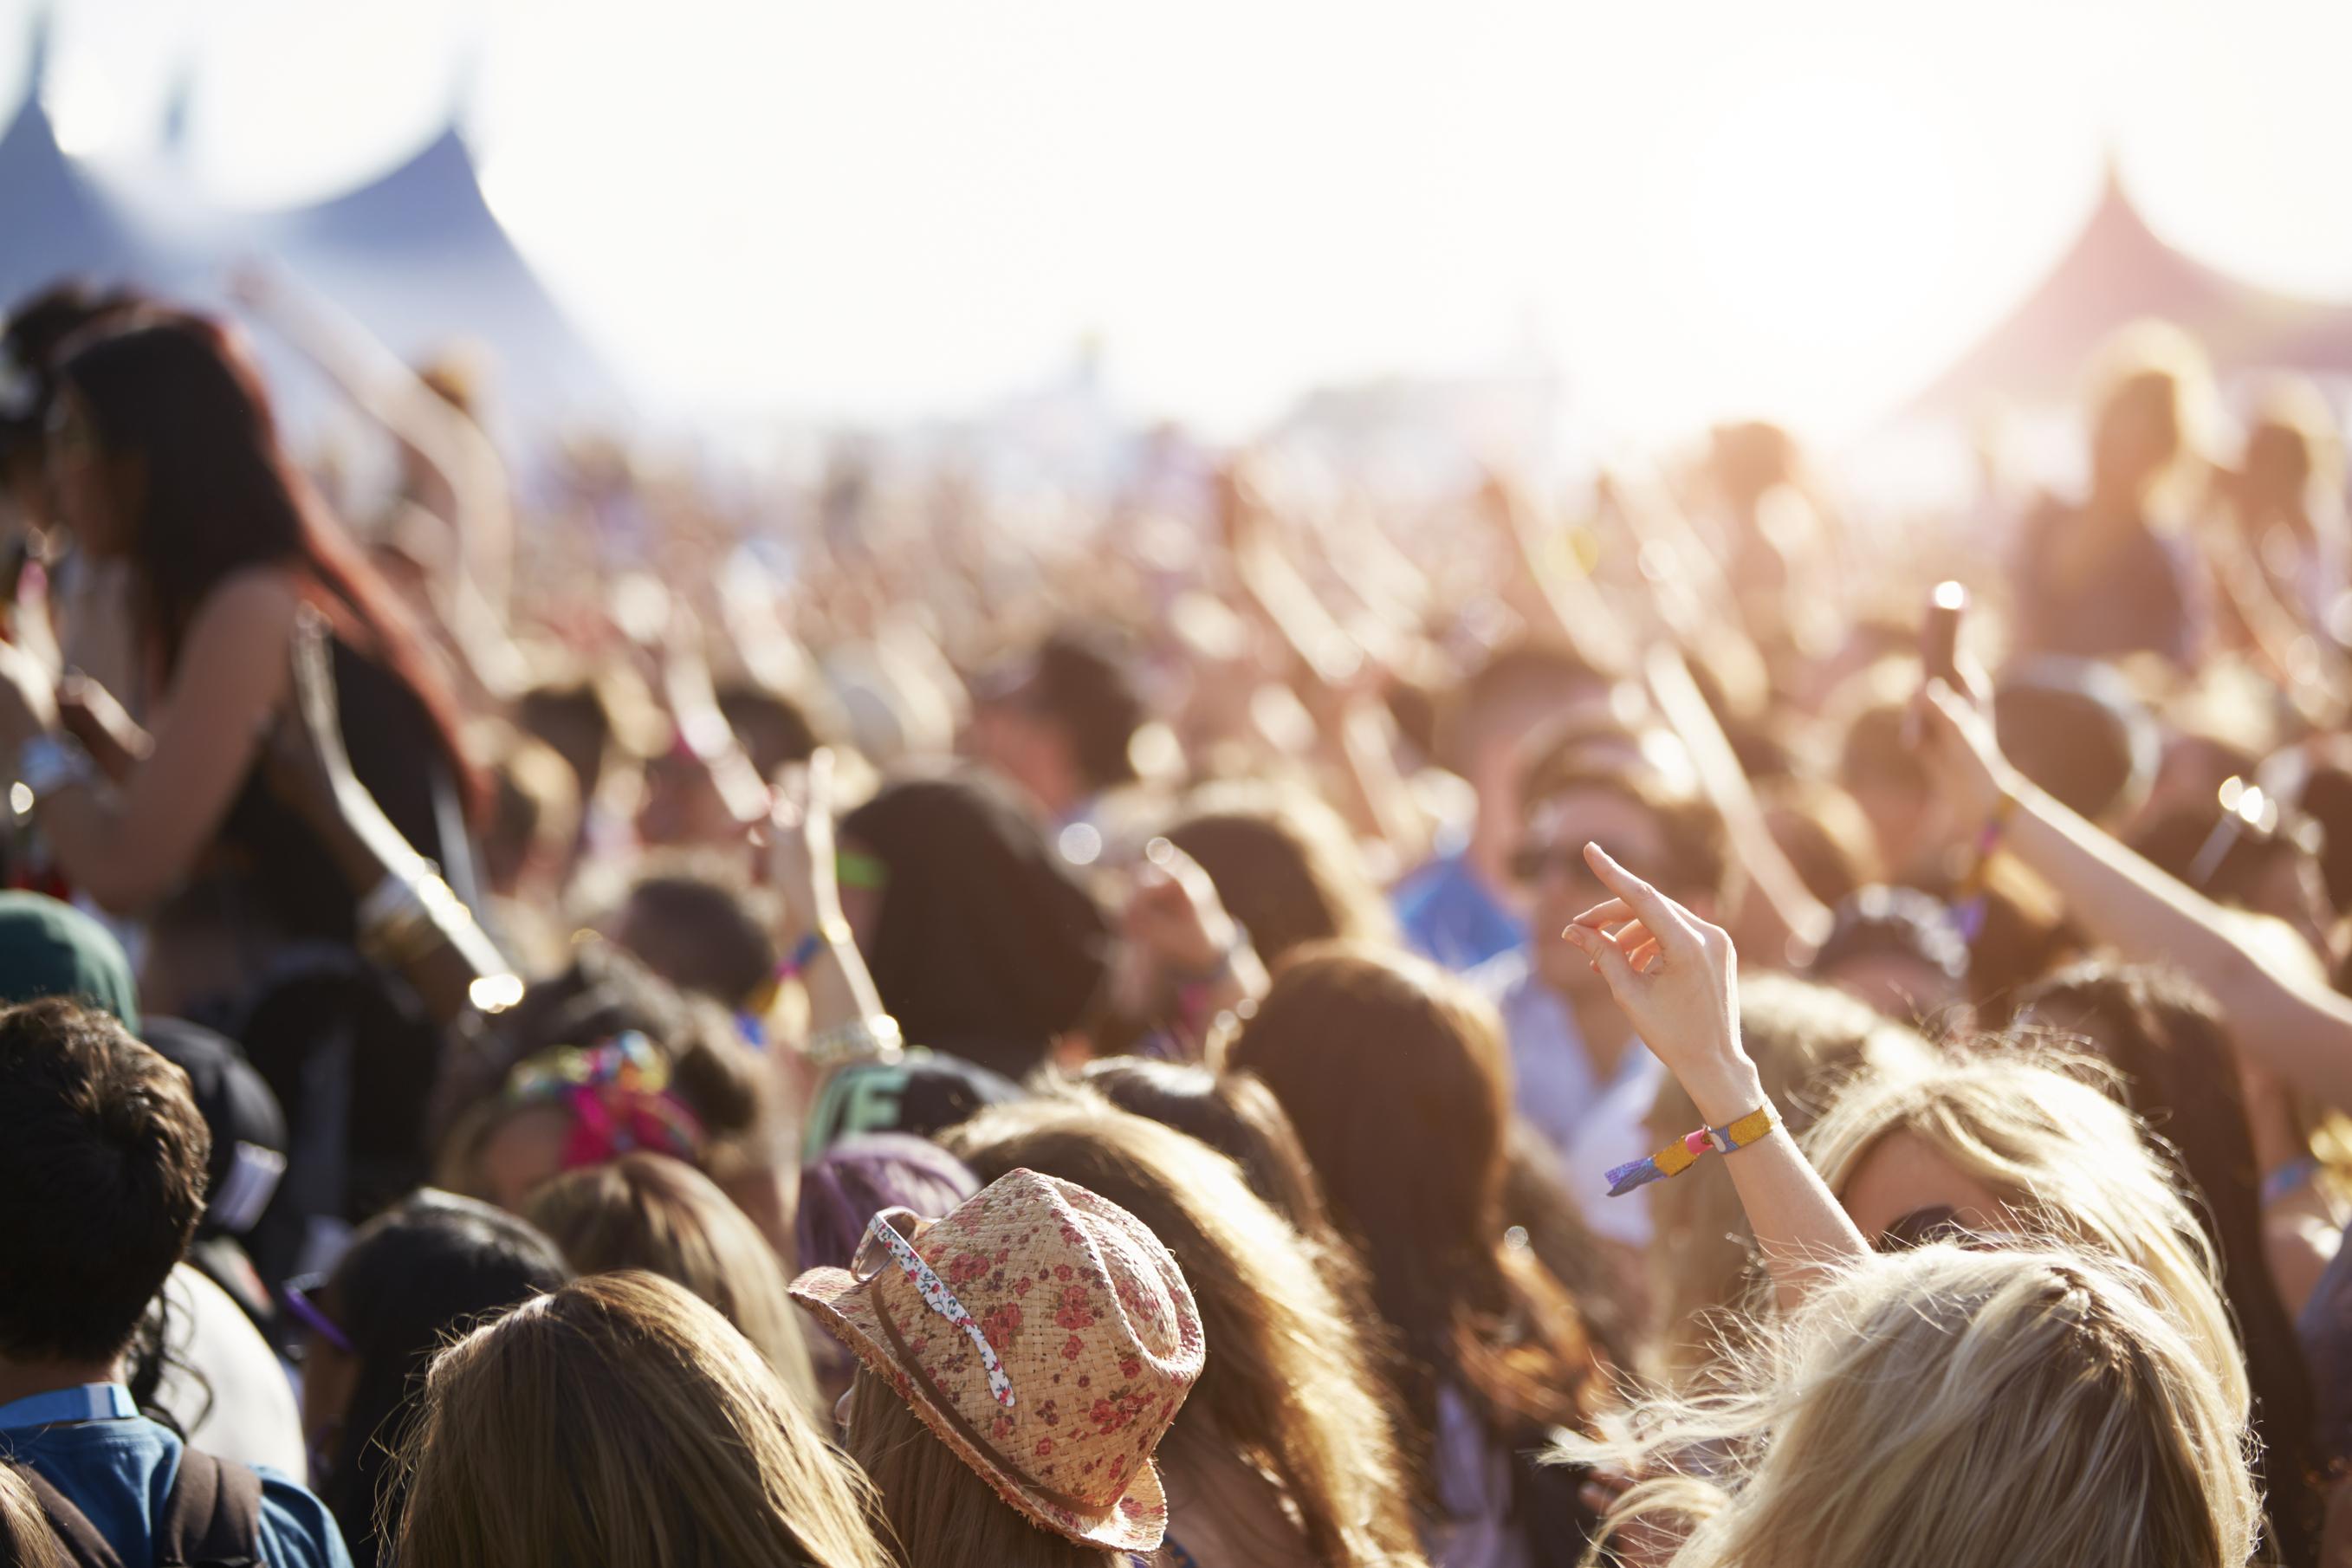 Festivais de verão: divirta-se poupando ao máximo